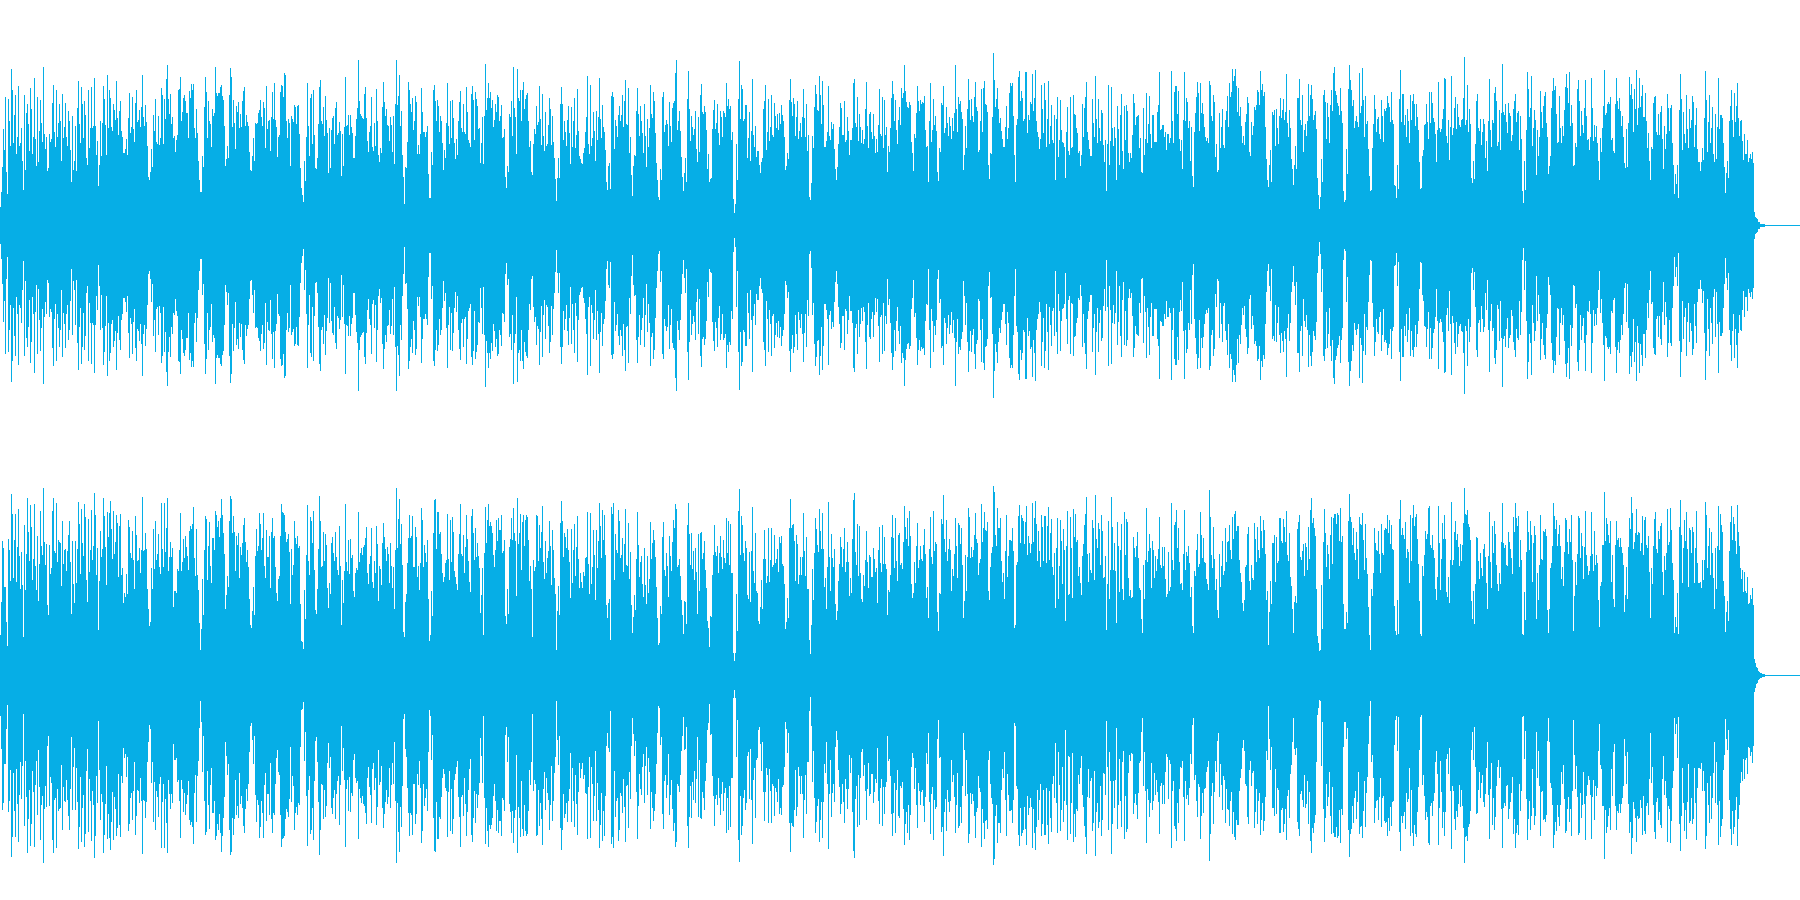 南国気分でほのぼのとしたレゲエ系ポップスの再生済みの波形